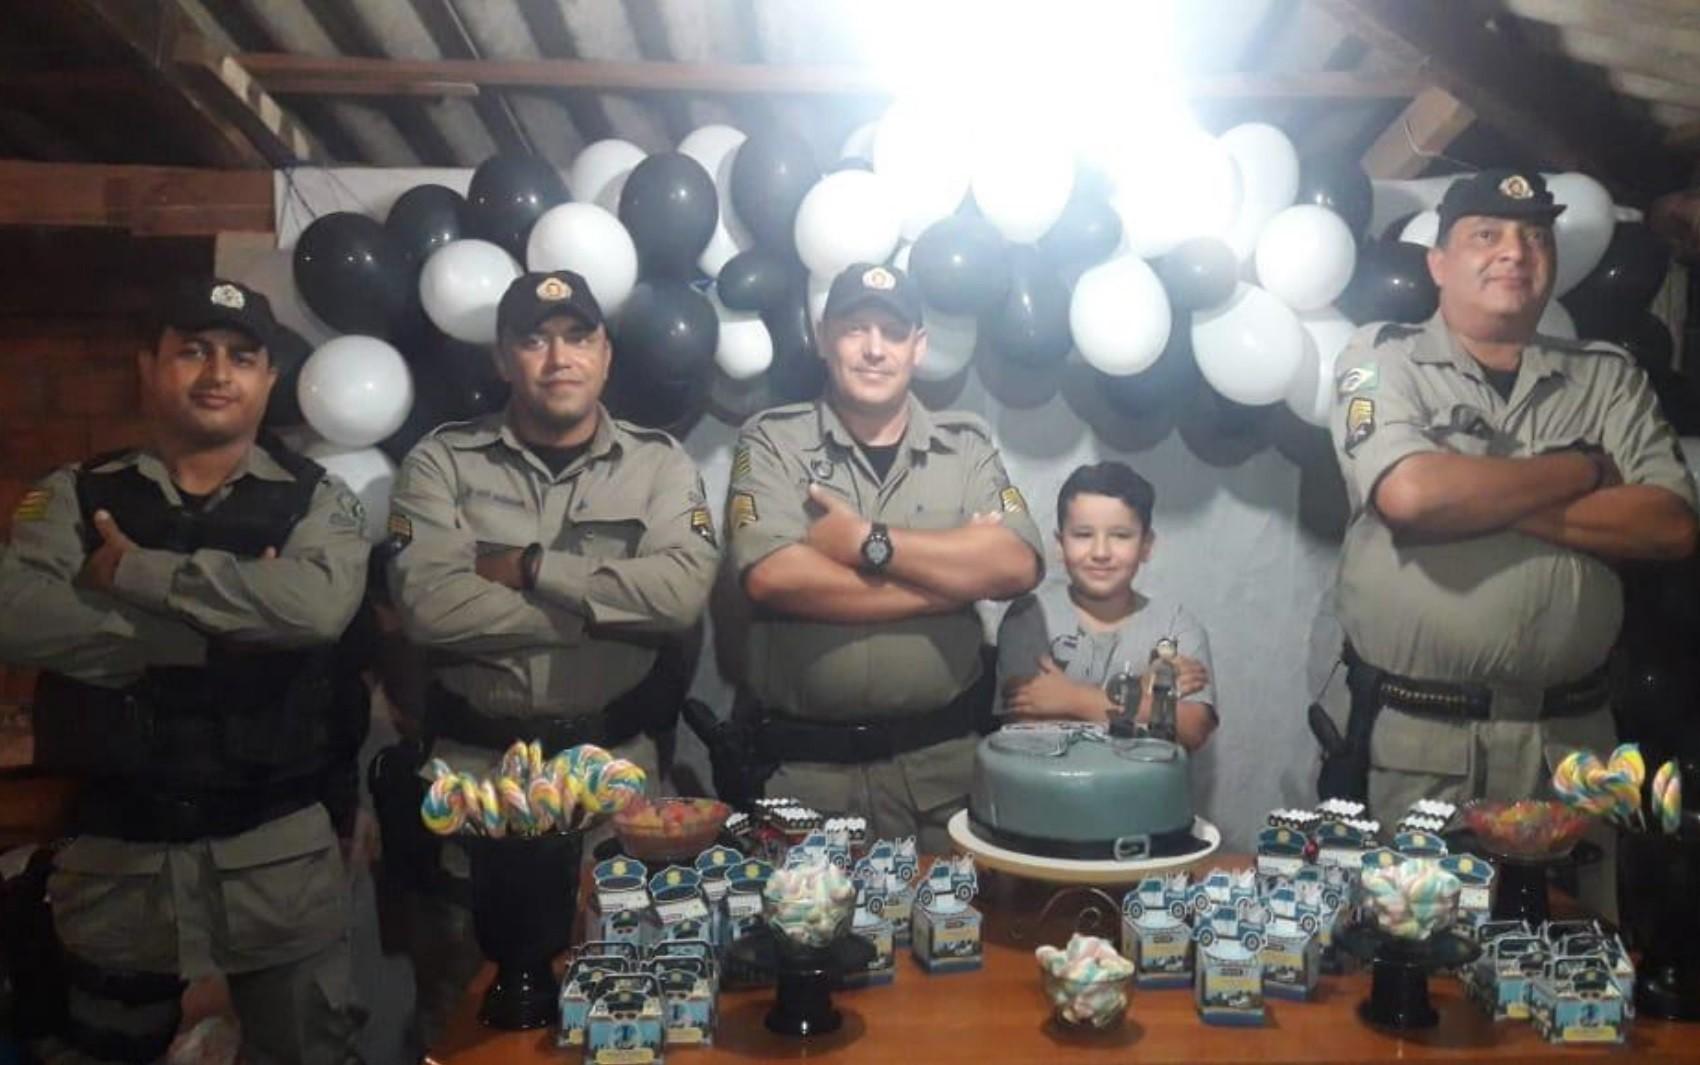 Mãe realiza sonho do filho ao convidar PMs para festa de aniversário, em Orizona